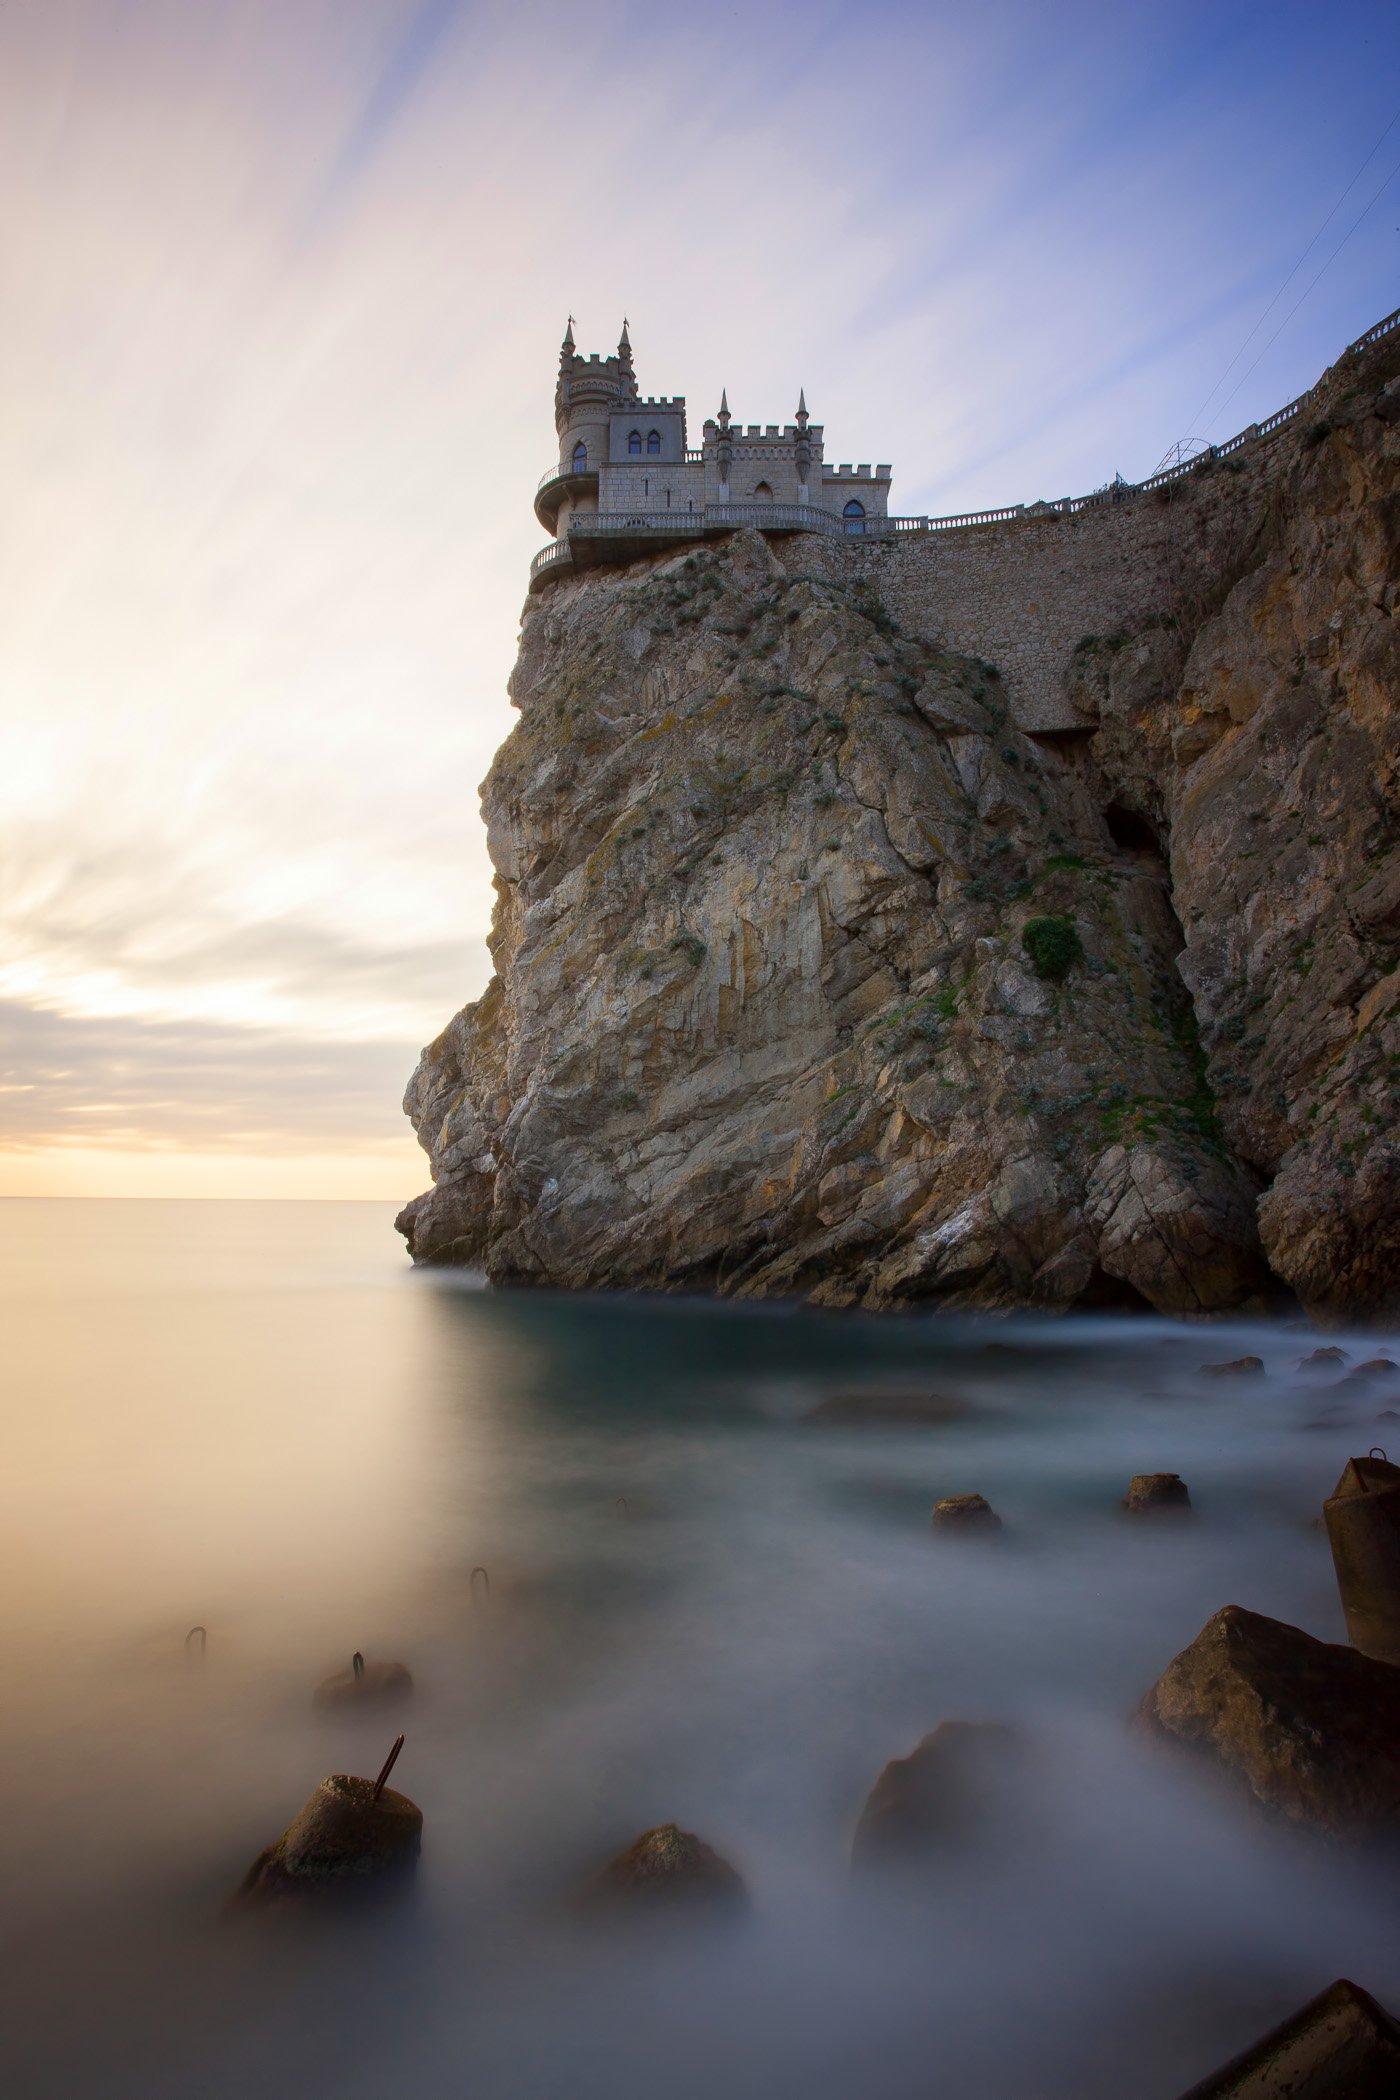 ласточкино гнездо, ялта, крым, ай-тодор, мисхор, черное море, ялтинский залив, Titov Serge